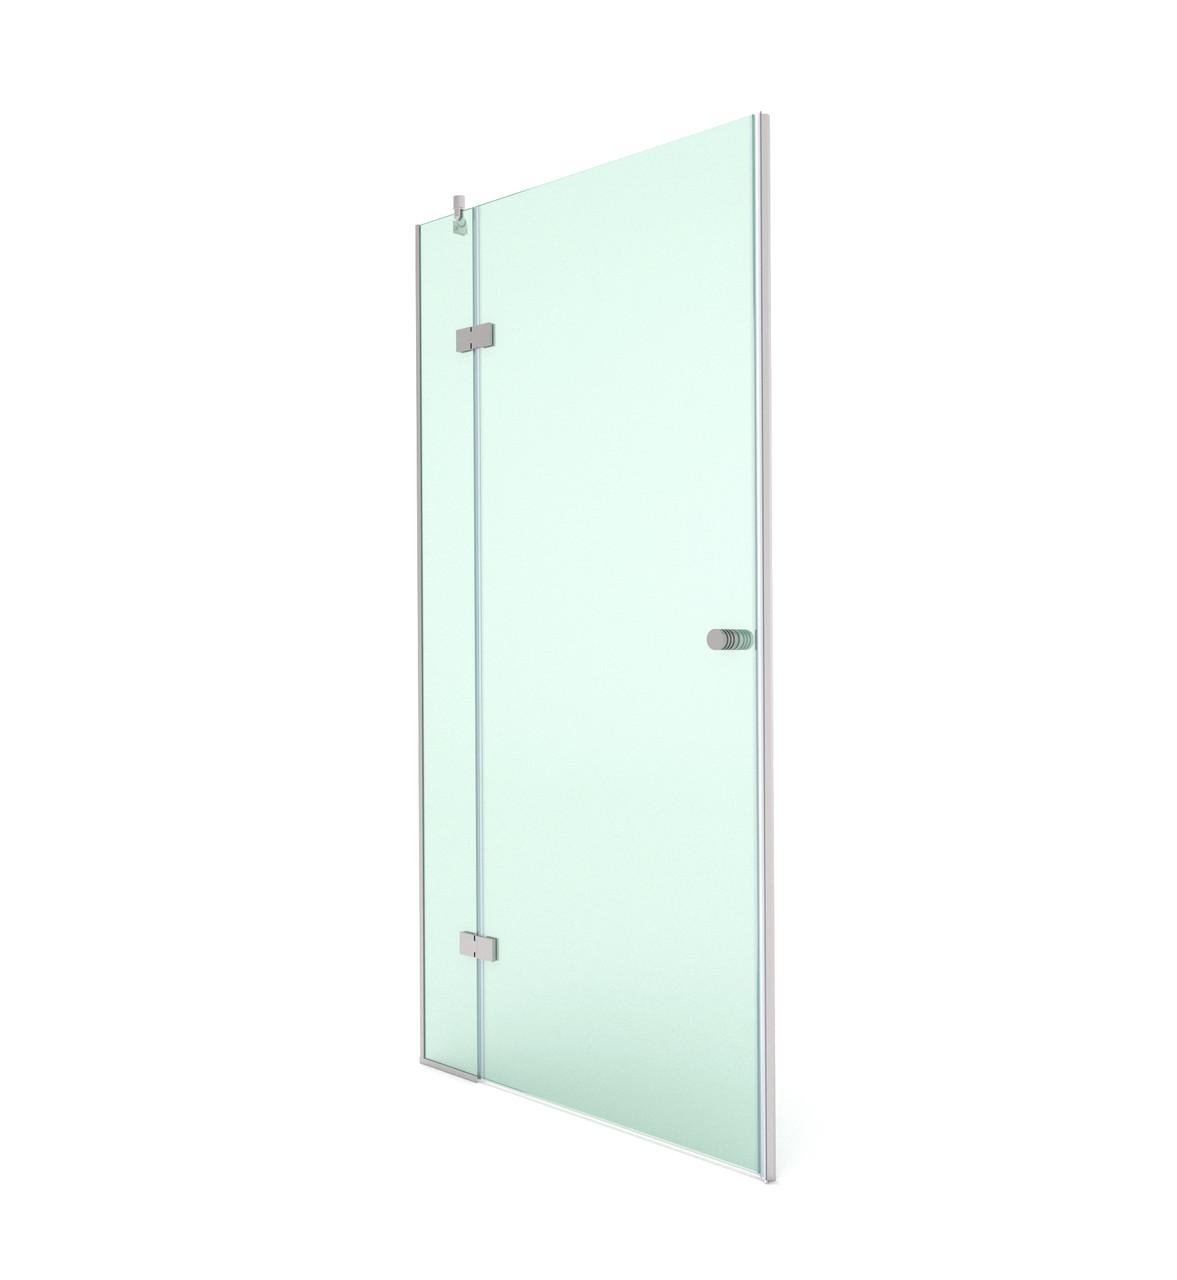 Распашная душевая дверь в нишу, модели SD-02-03